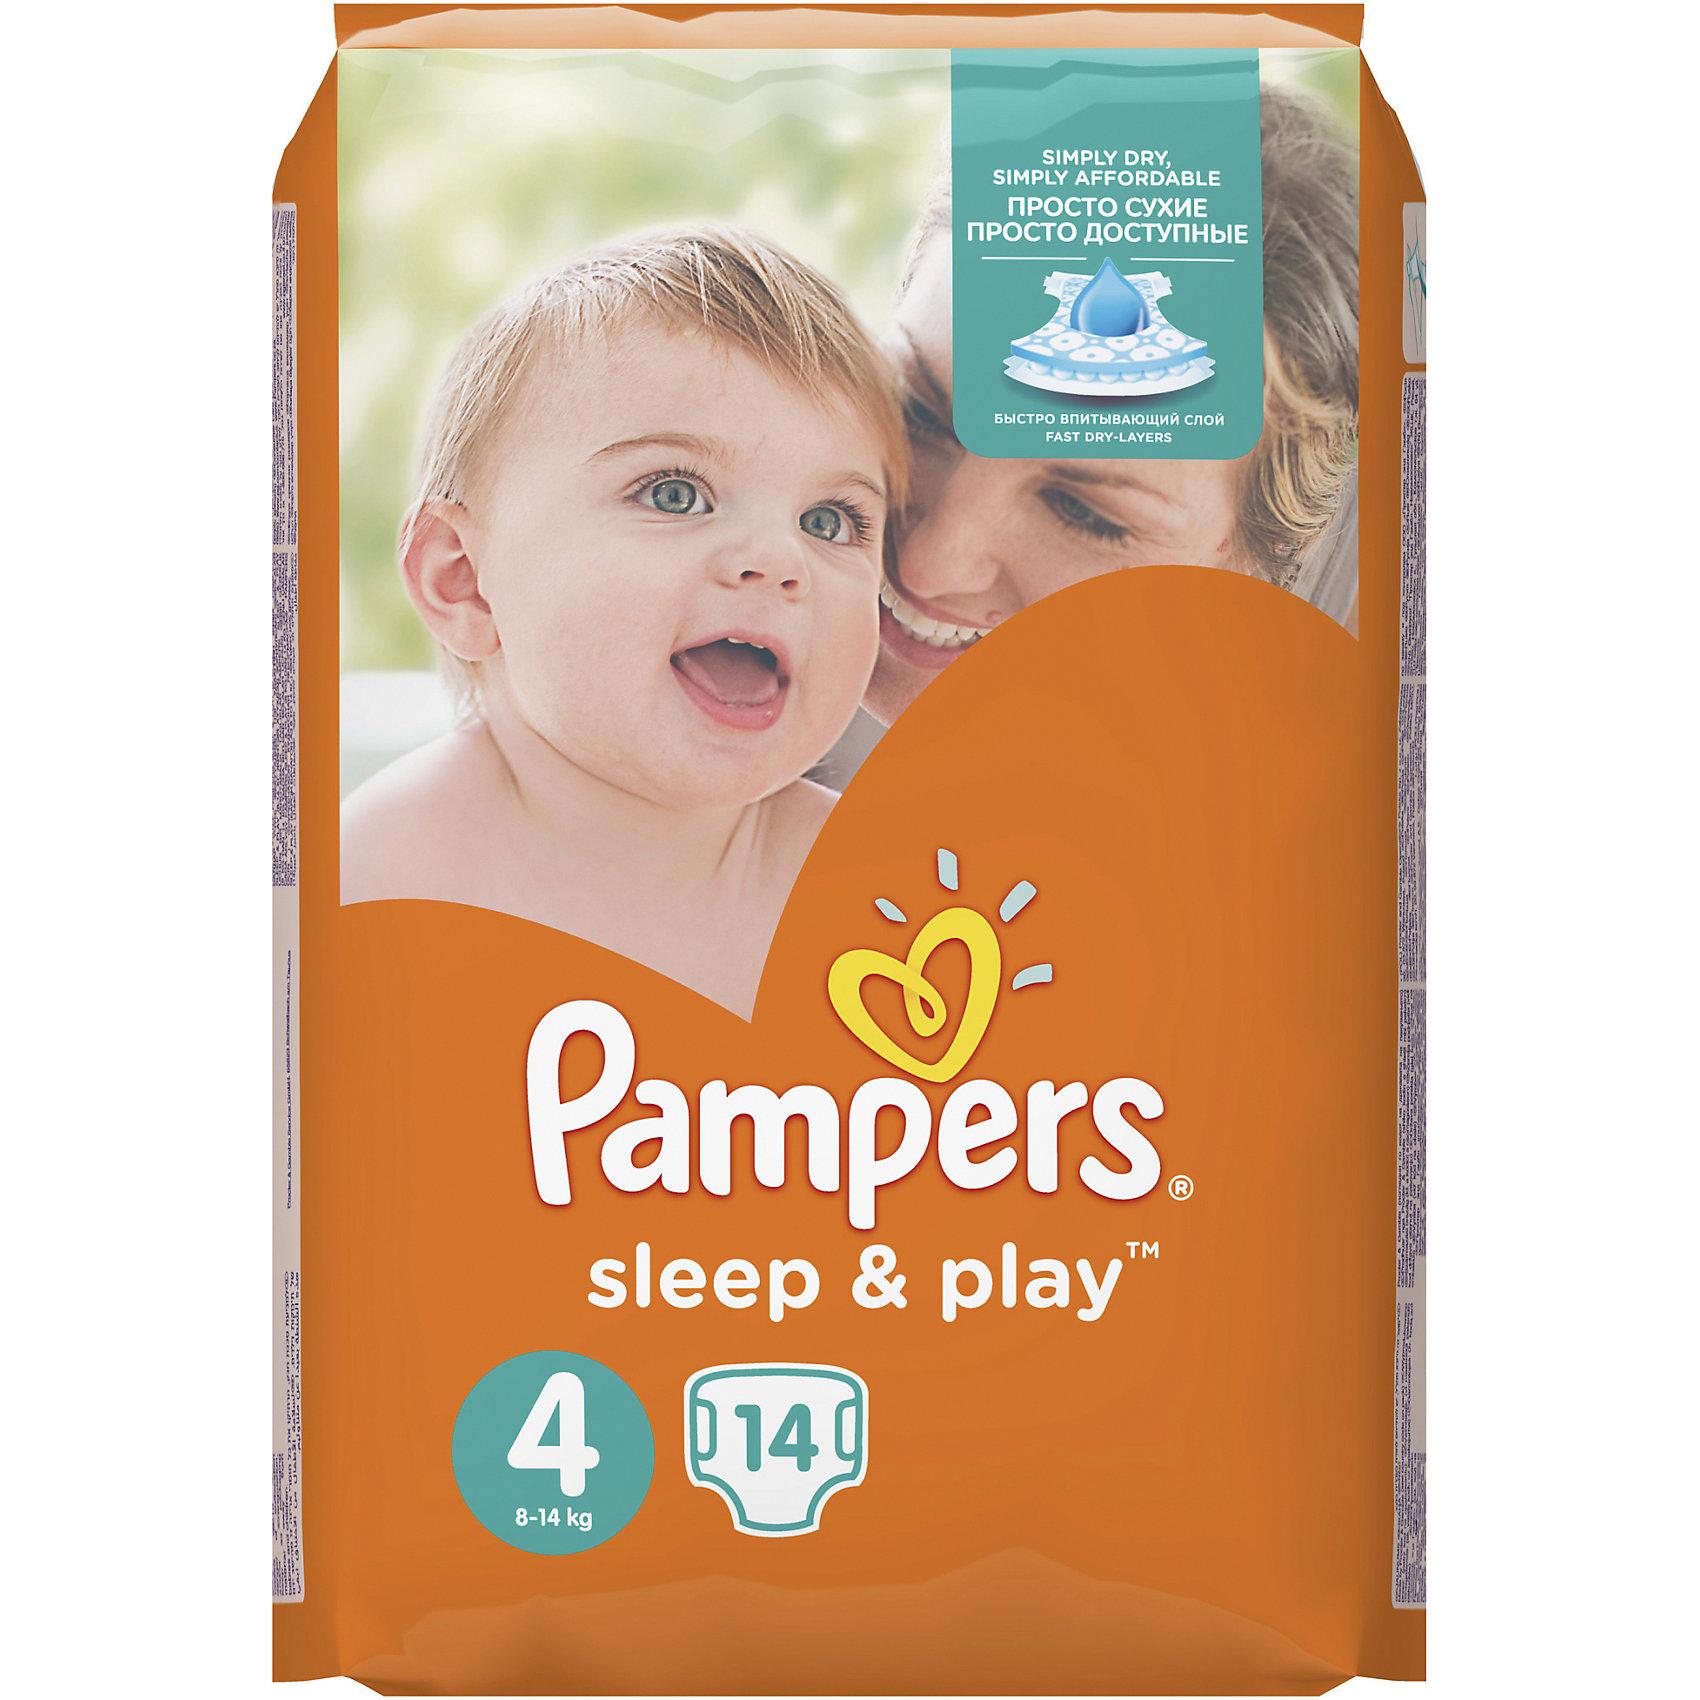 Подгузники Pampers Sleep  Play Maxi, 8-14 кг, 4 размер, 14 шт., Pampers